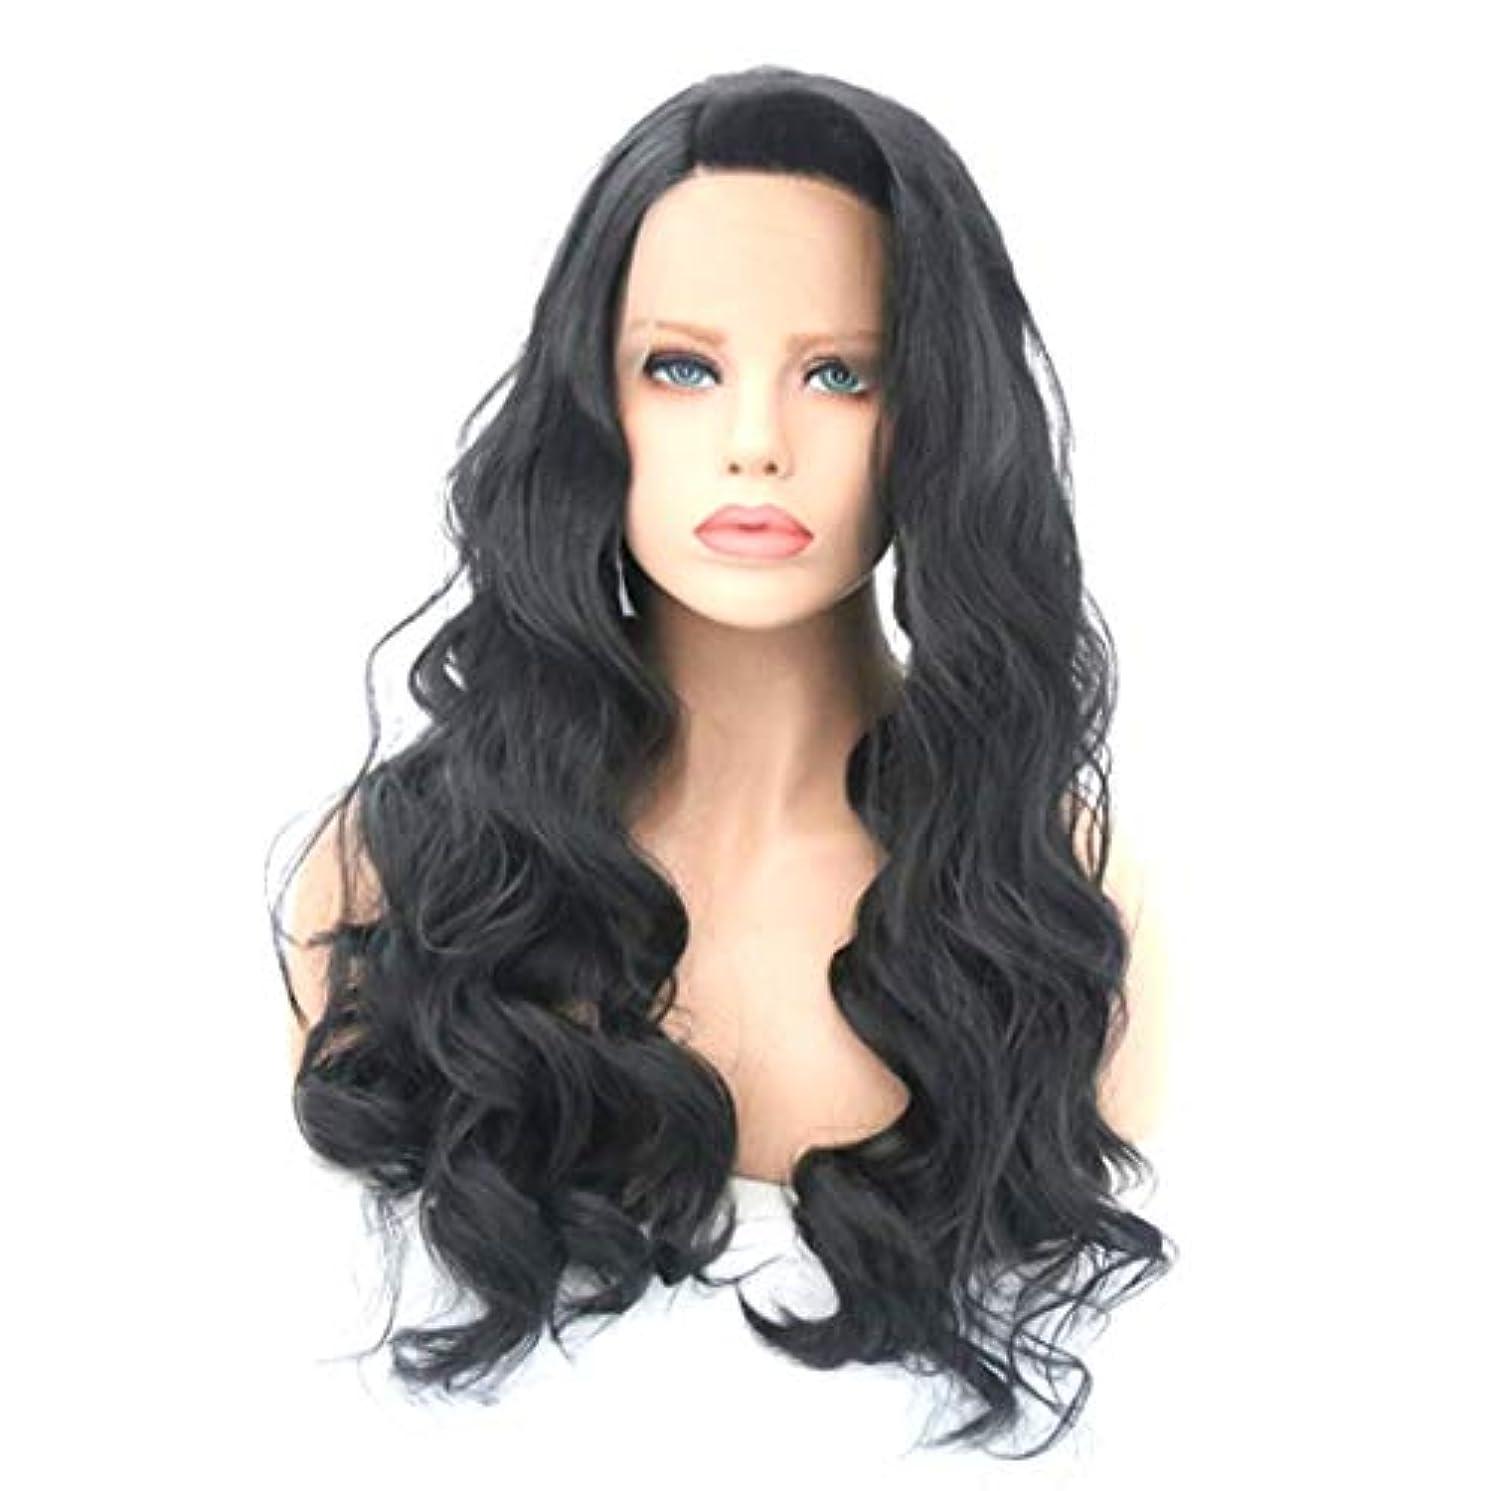 イライラする中国代表してKerwinner かつら女性のための大きな波状の巻き毛の耐熱性長い巻き毛のかつら (Size : 16 inches)